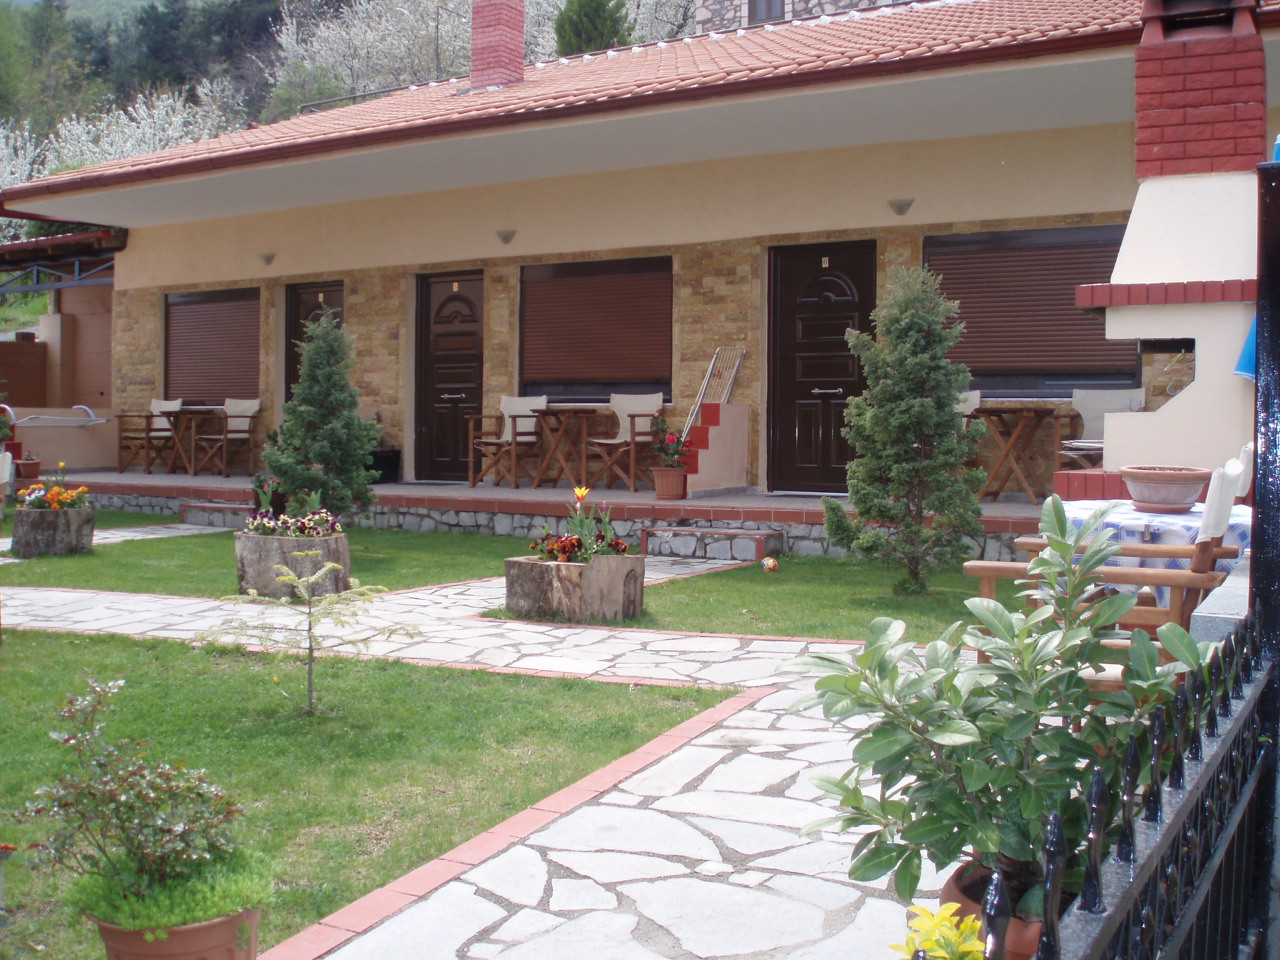 Ξενοδοχεία Πόζαρ Λουτράκι Όρμα Πέλλα